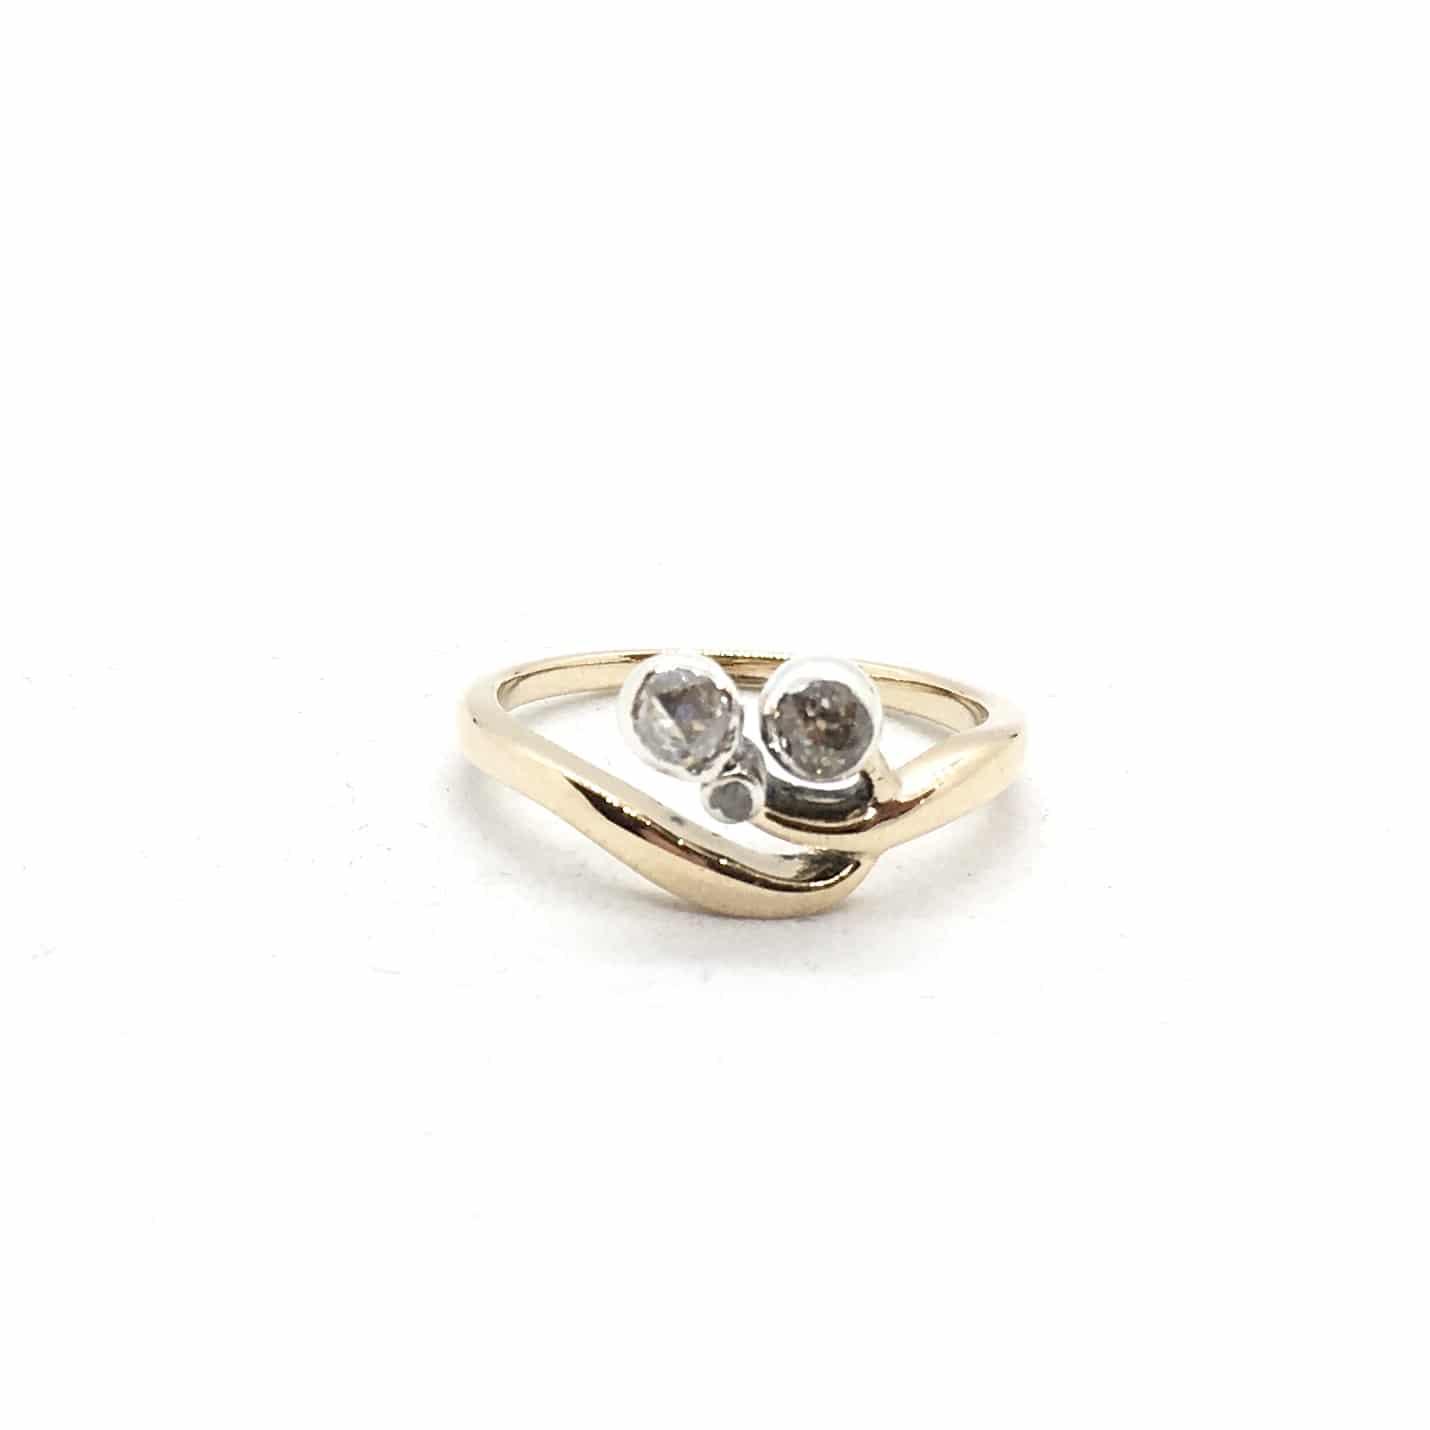 SF71. Szecessziós arany gyűrű gyémántokkal